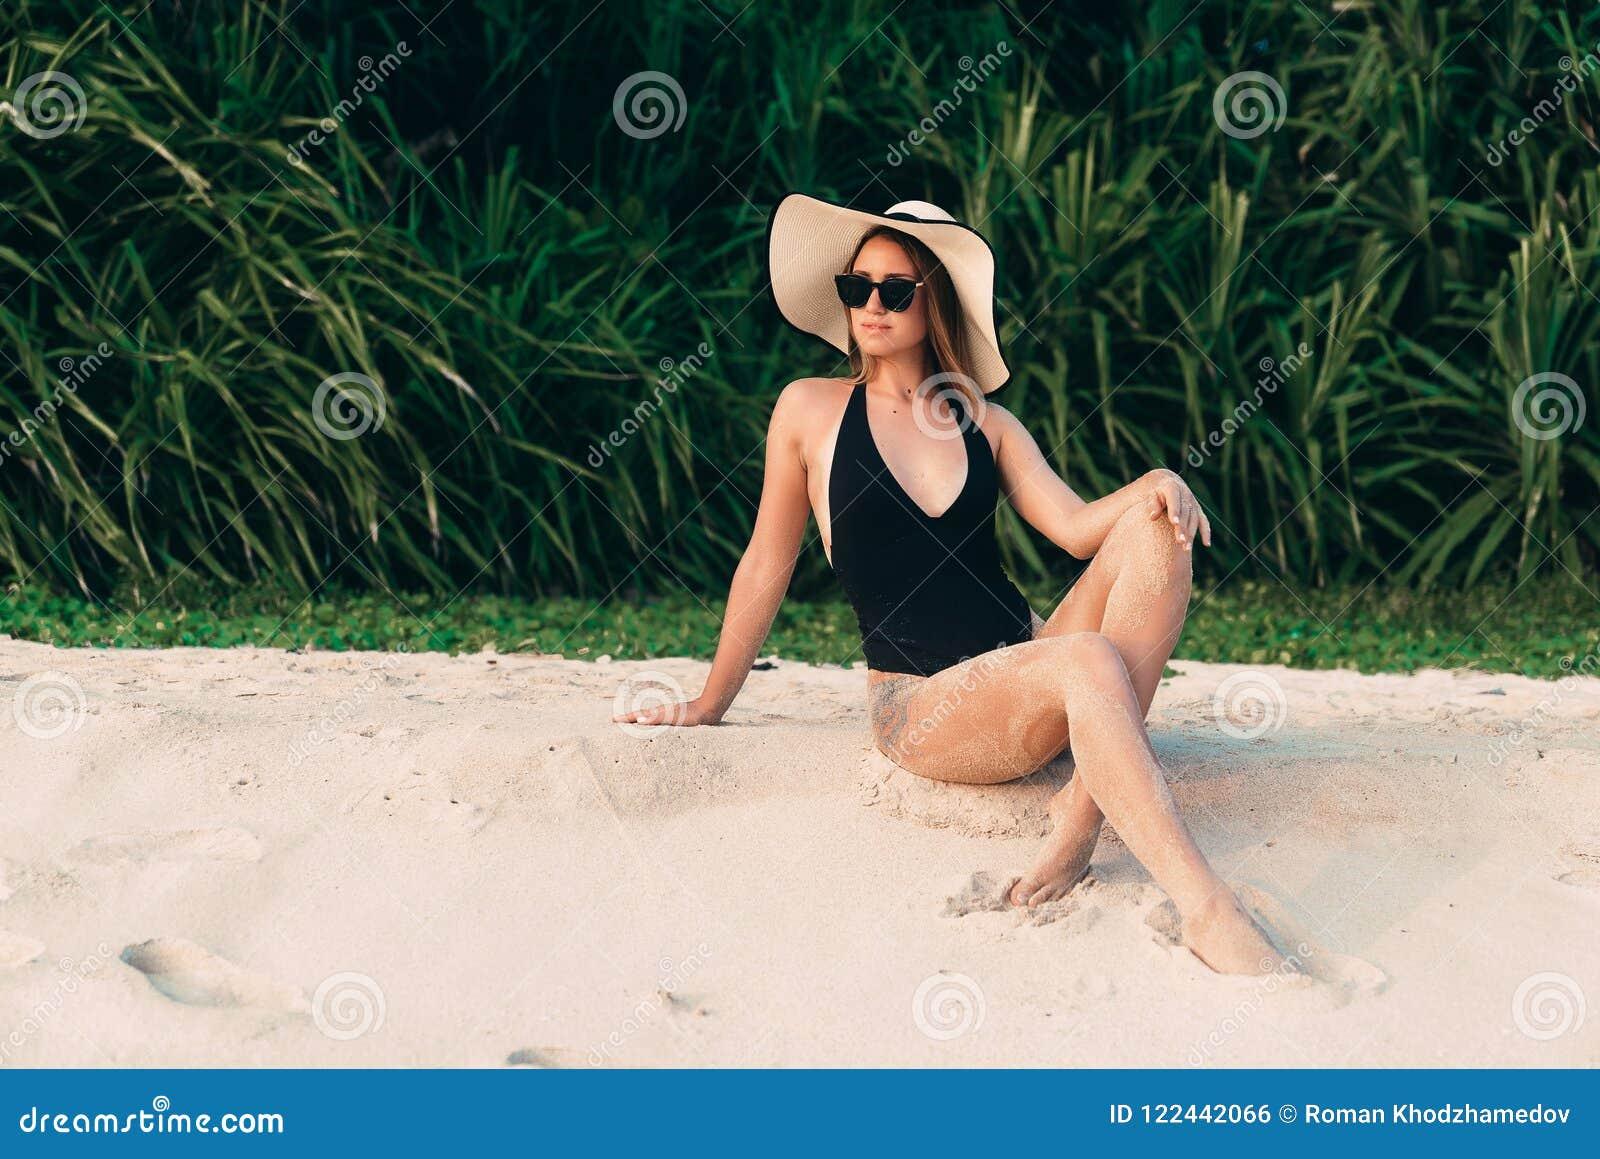 O europeu com pele lisa macia descansa na praia, tomando sol e apreciando o sol, veste um roupa de banho preto à moda, chapéu